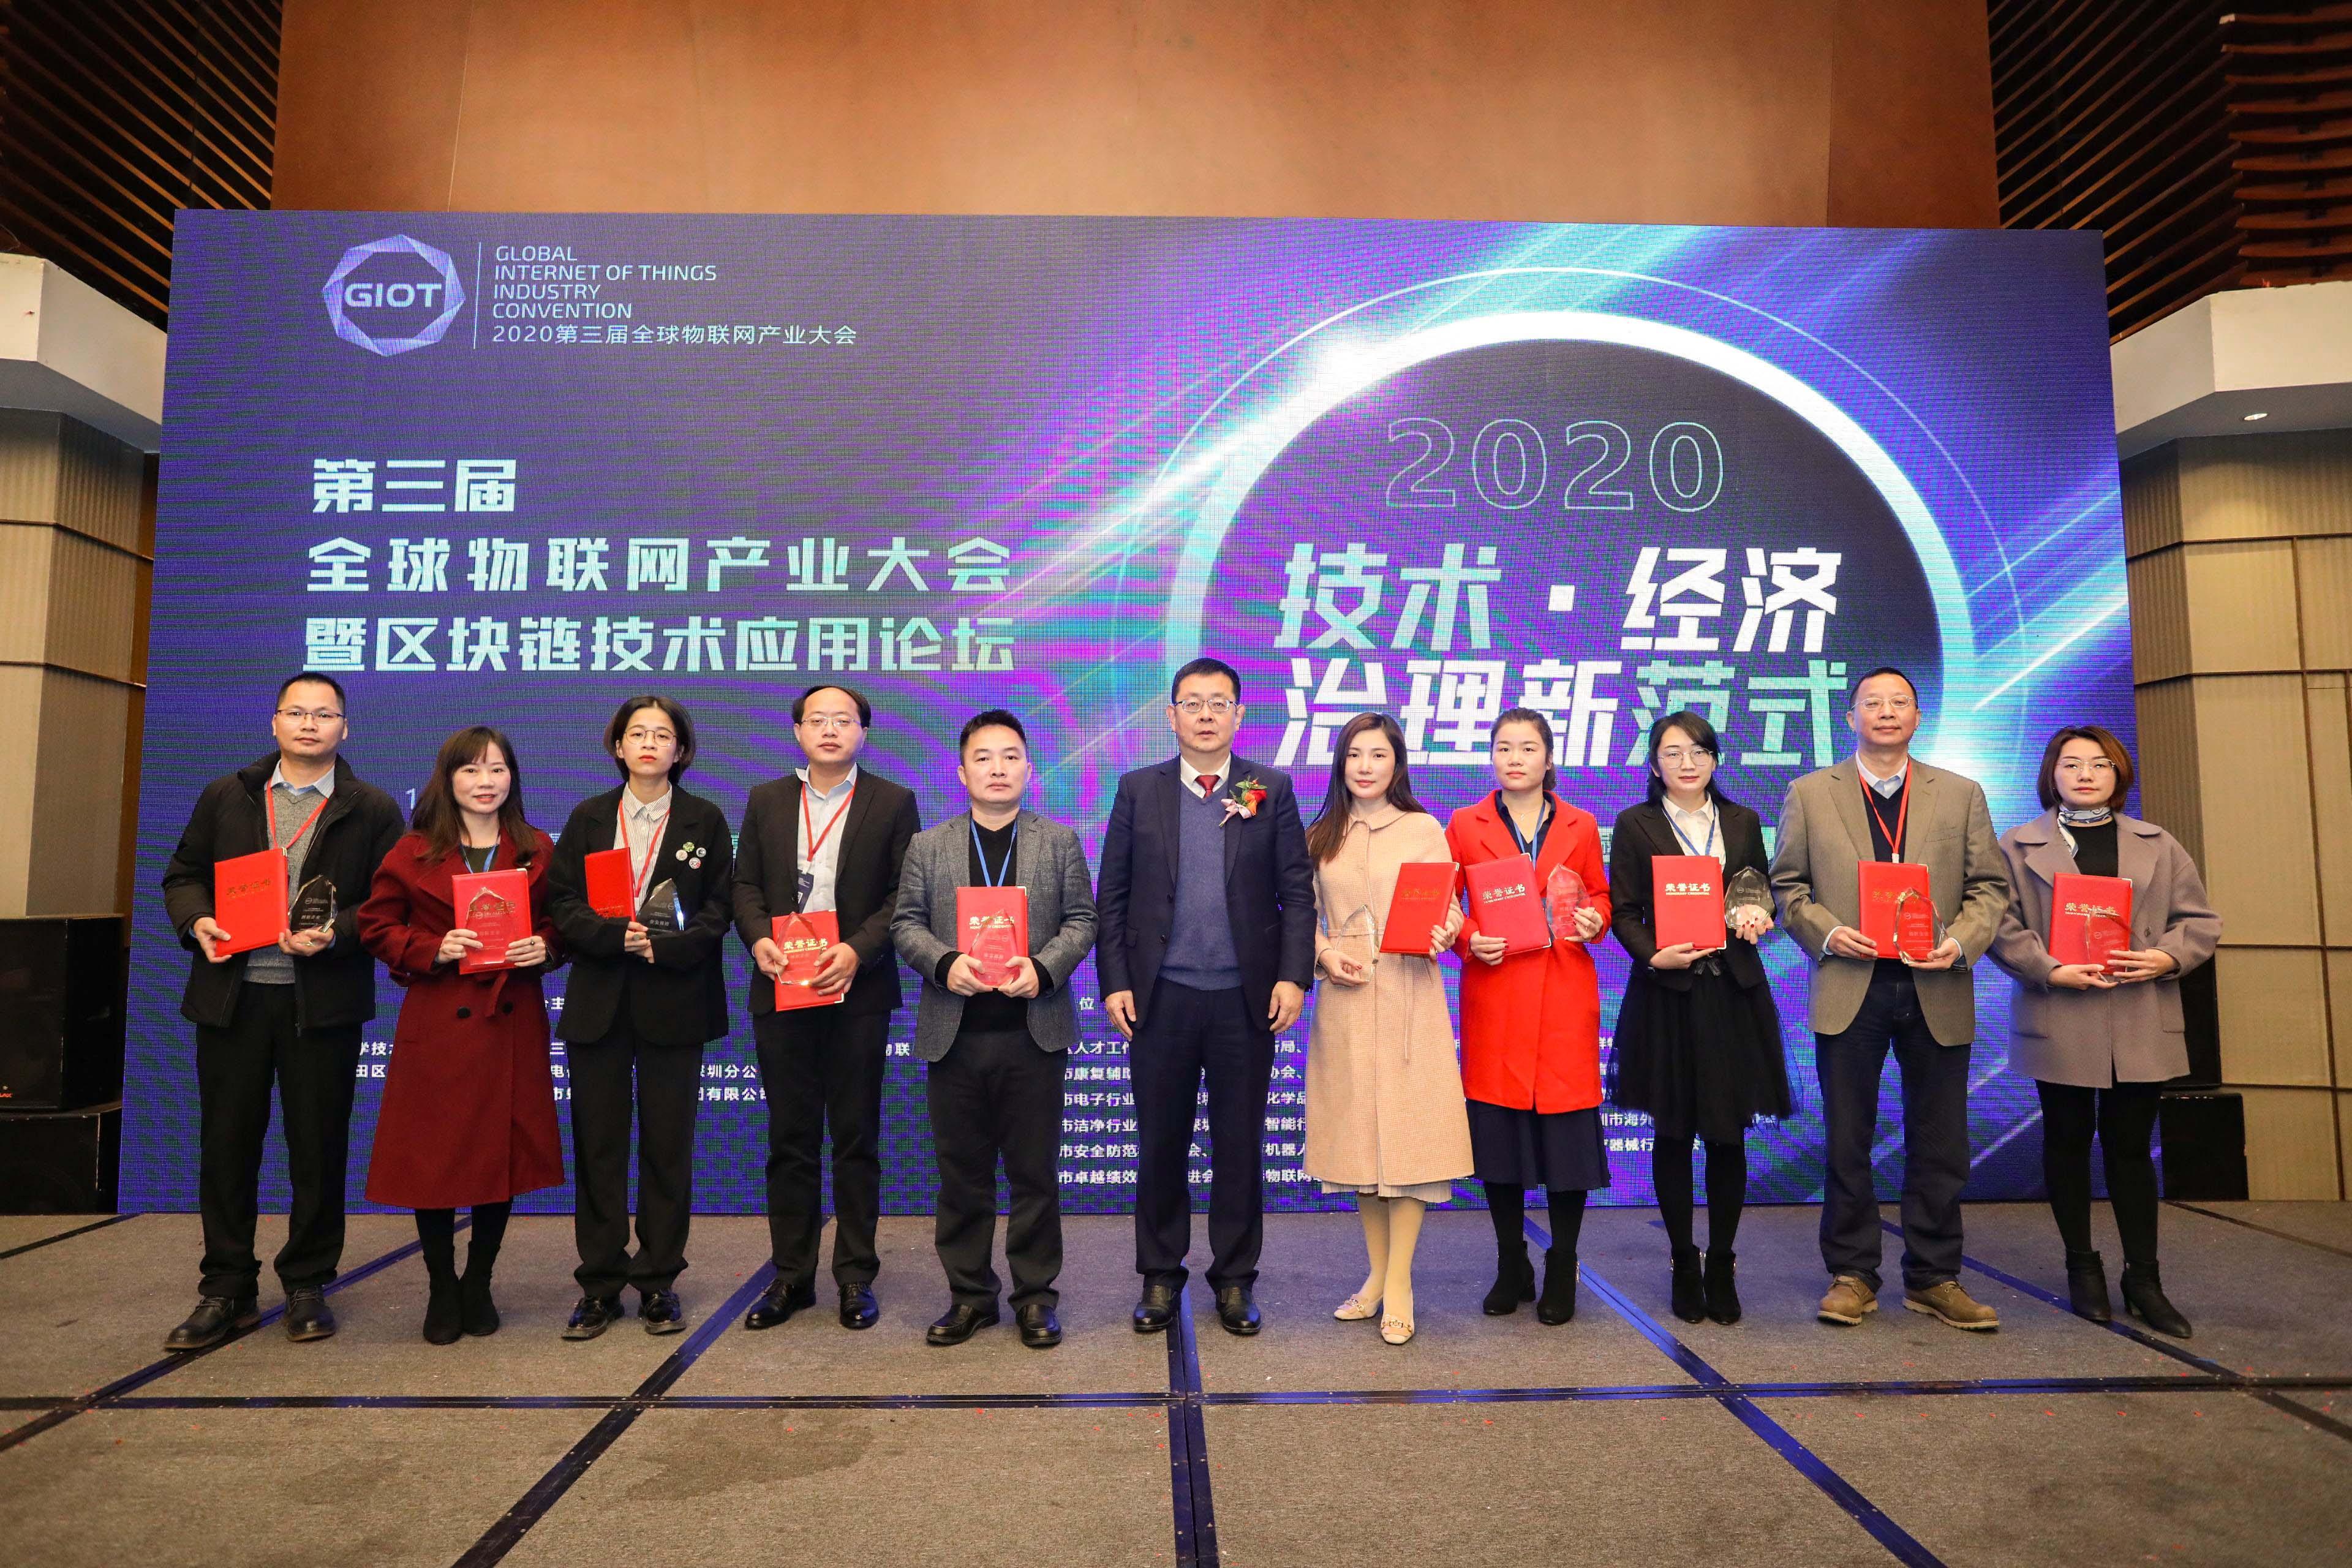 全球物联网产业大会!安信获奖了…